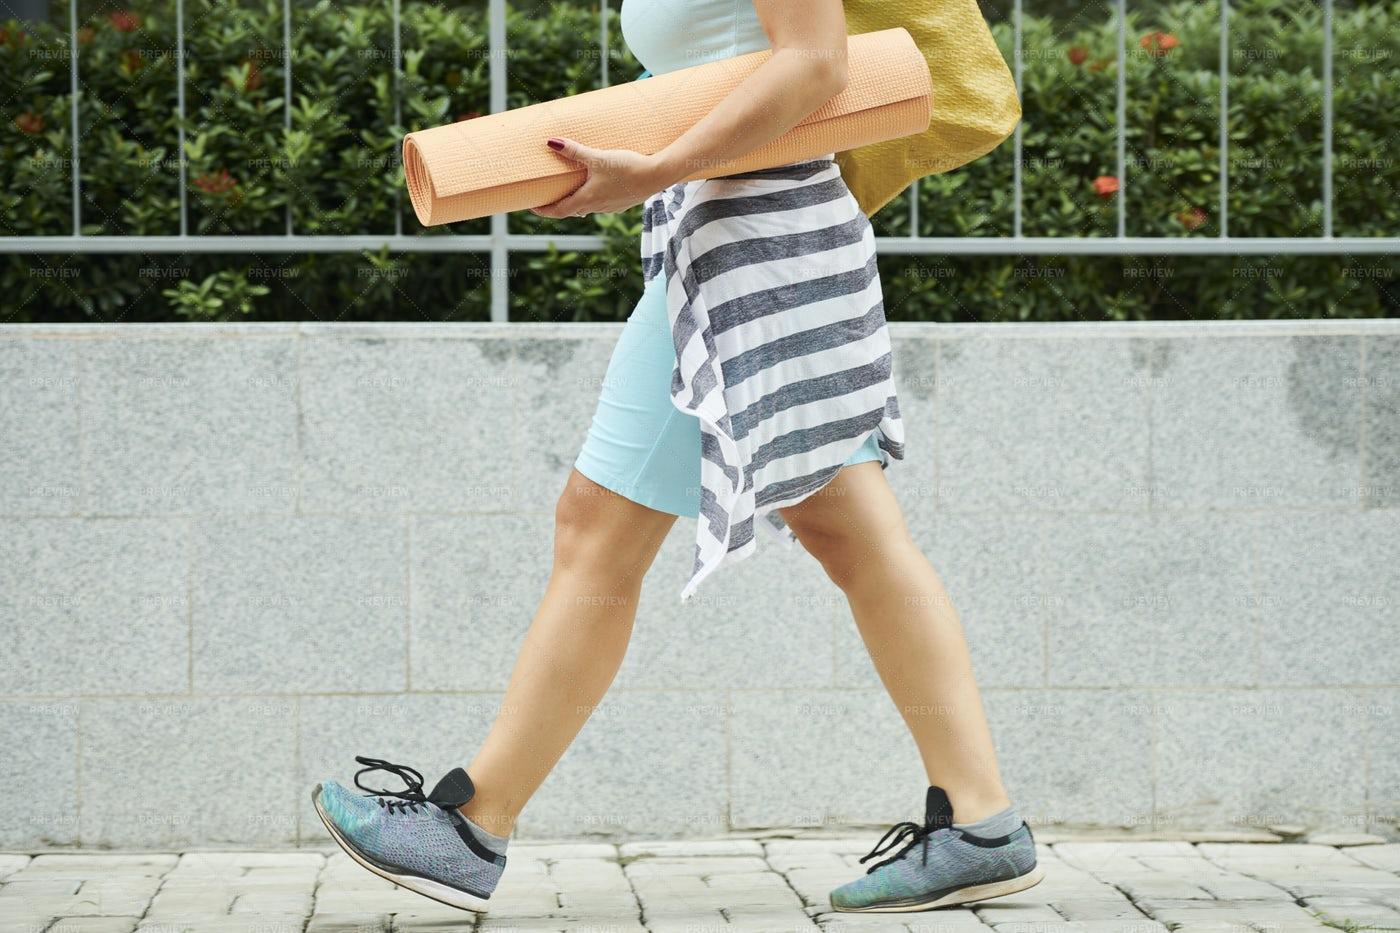 Woman Walking With Yoga Mat: Stock Photos